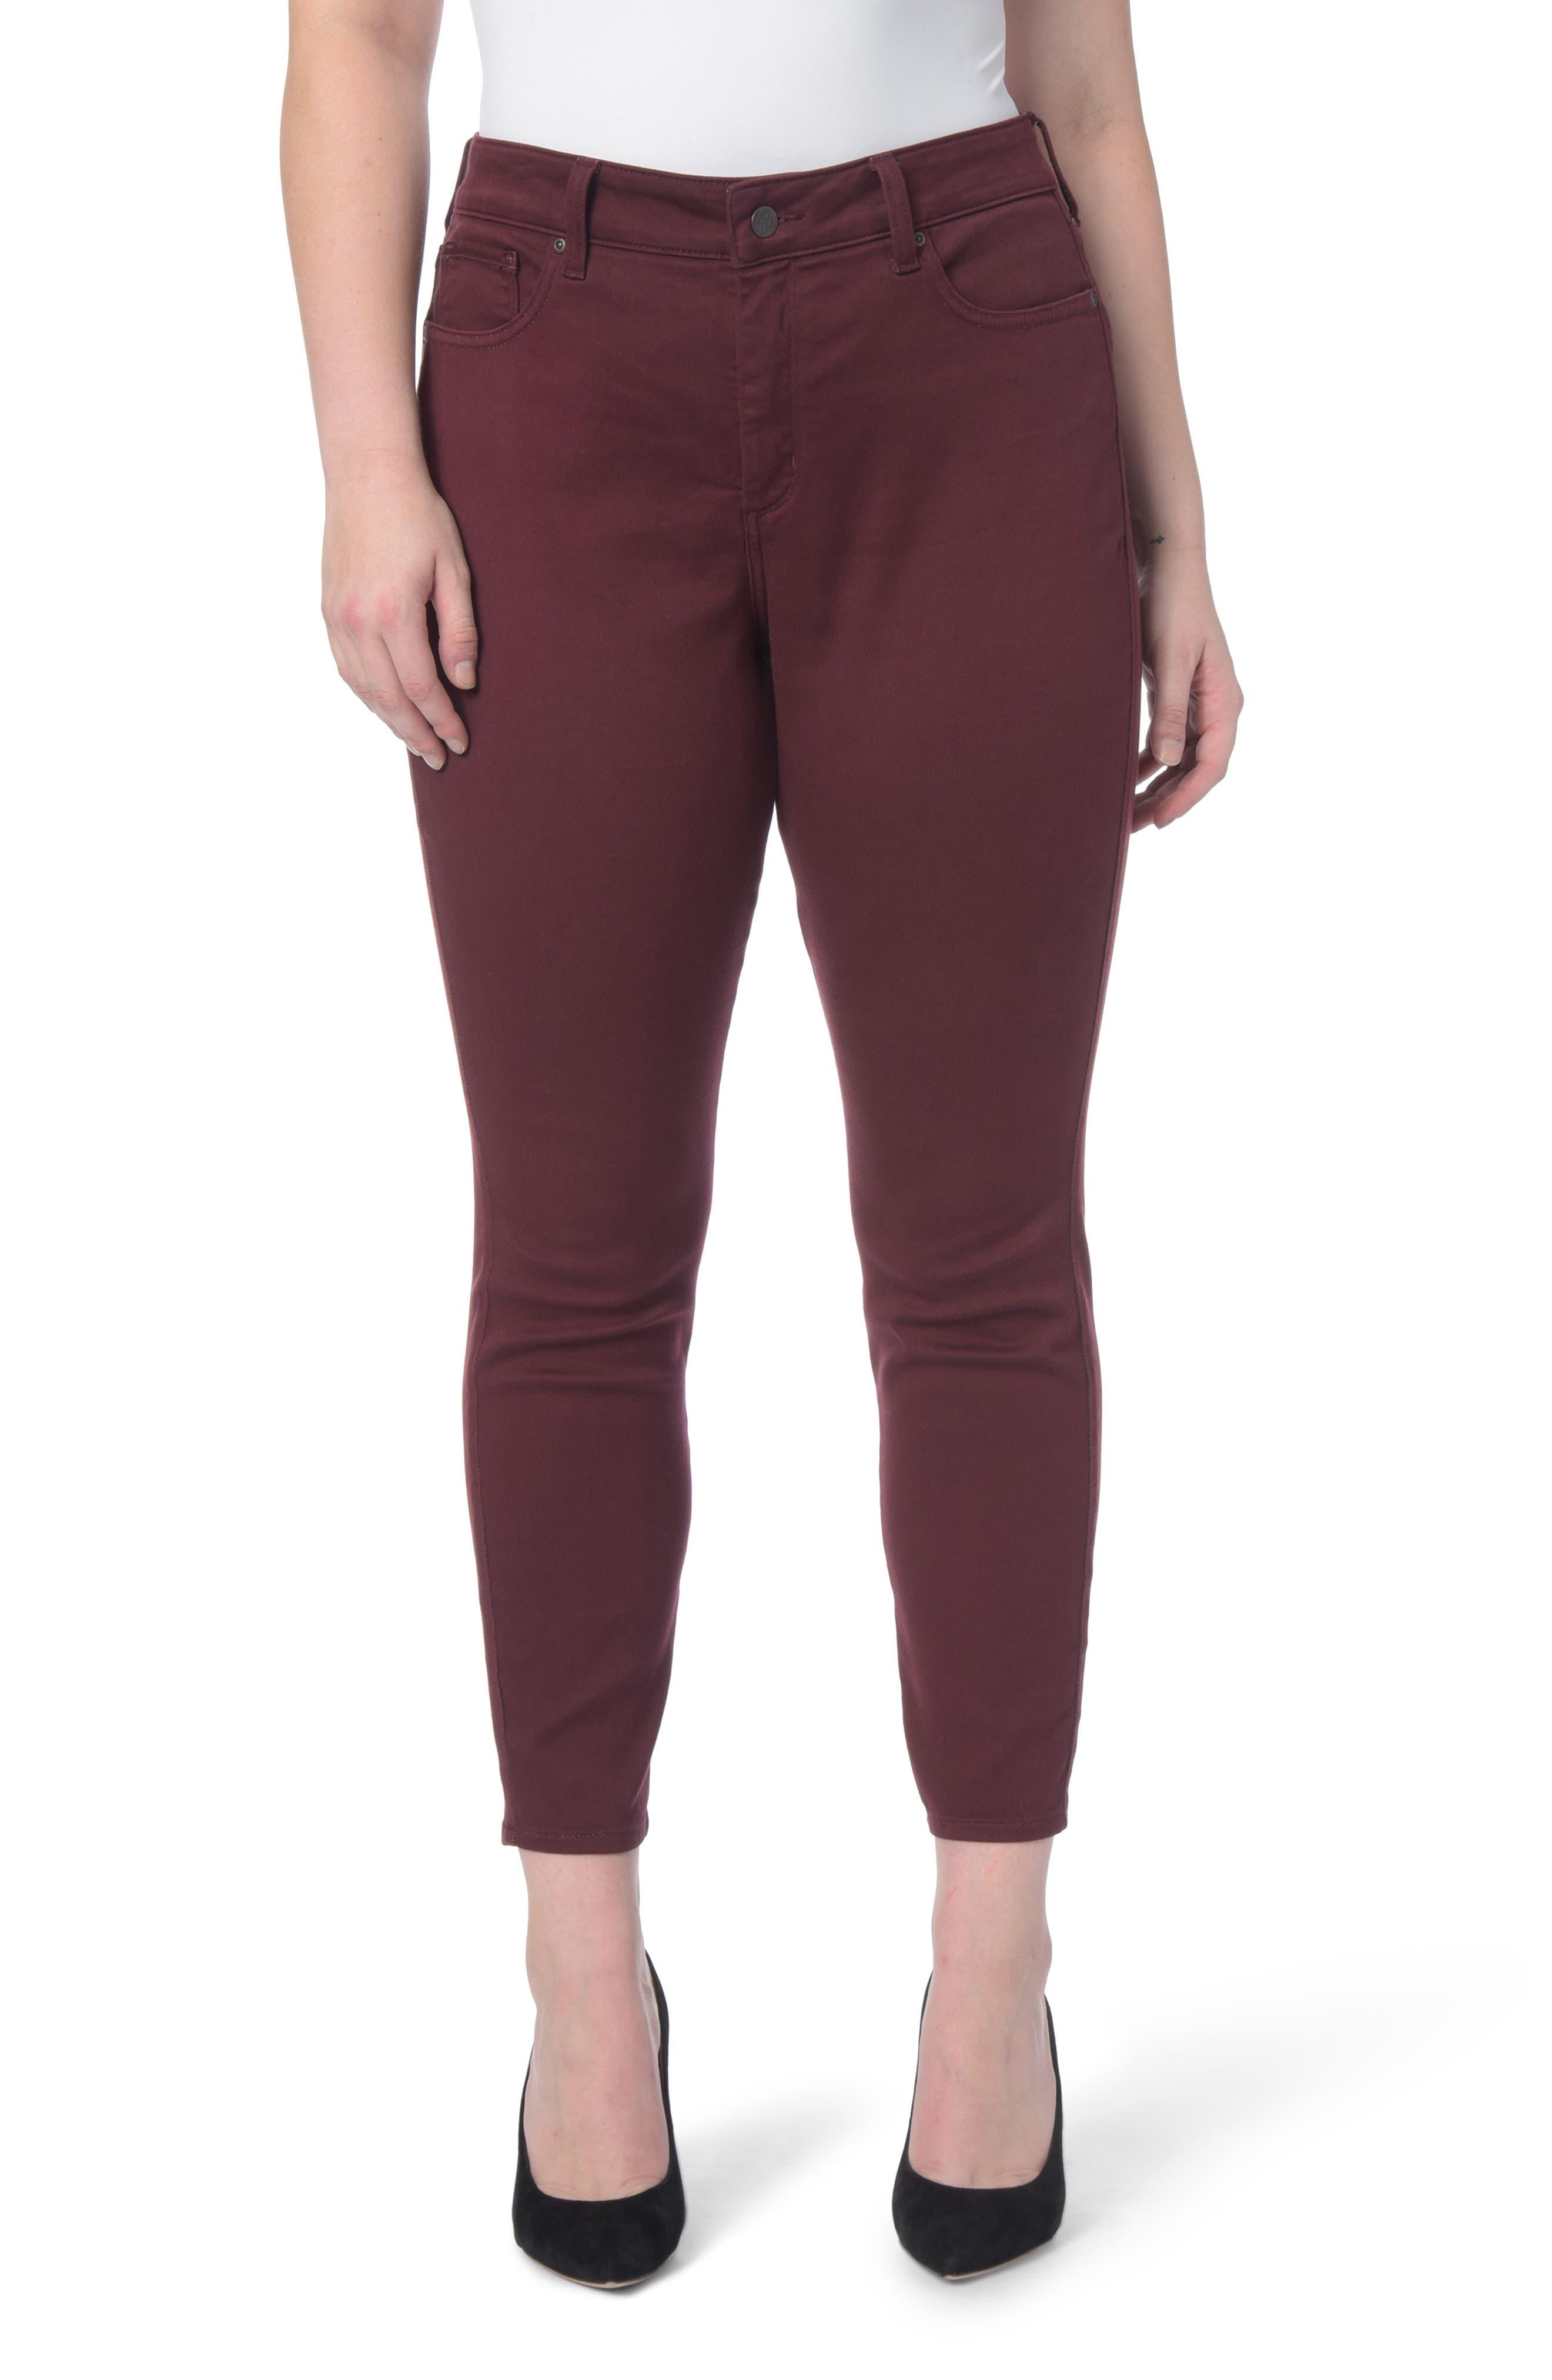 Main Image - NYDJ Ami Stretch Skinny Jeans (Plus Size)